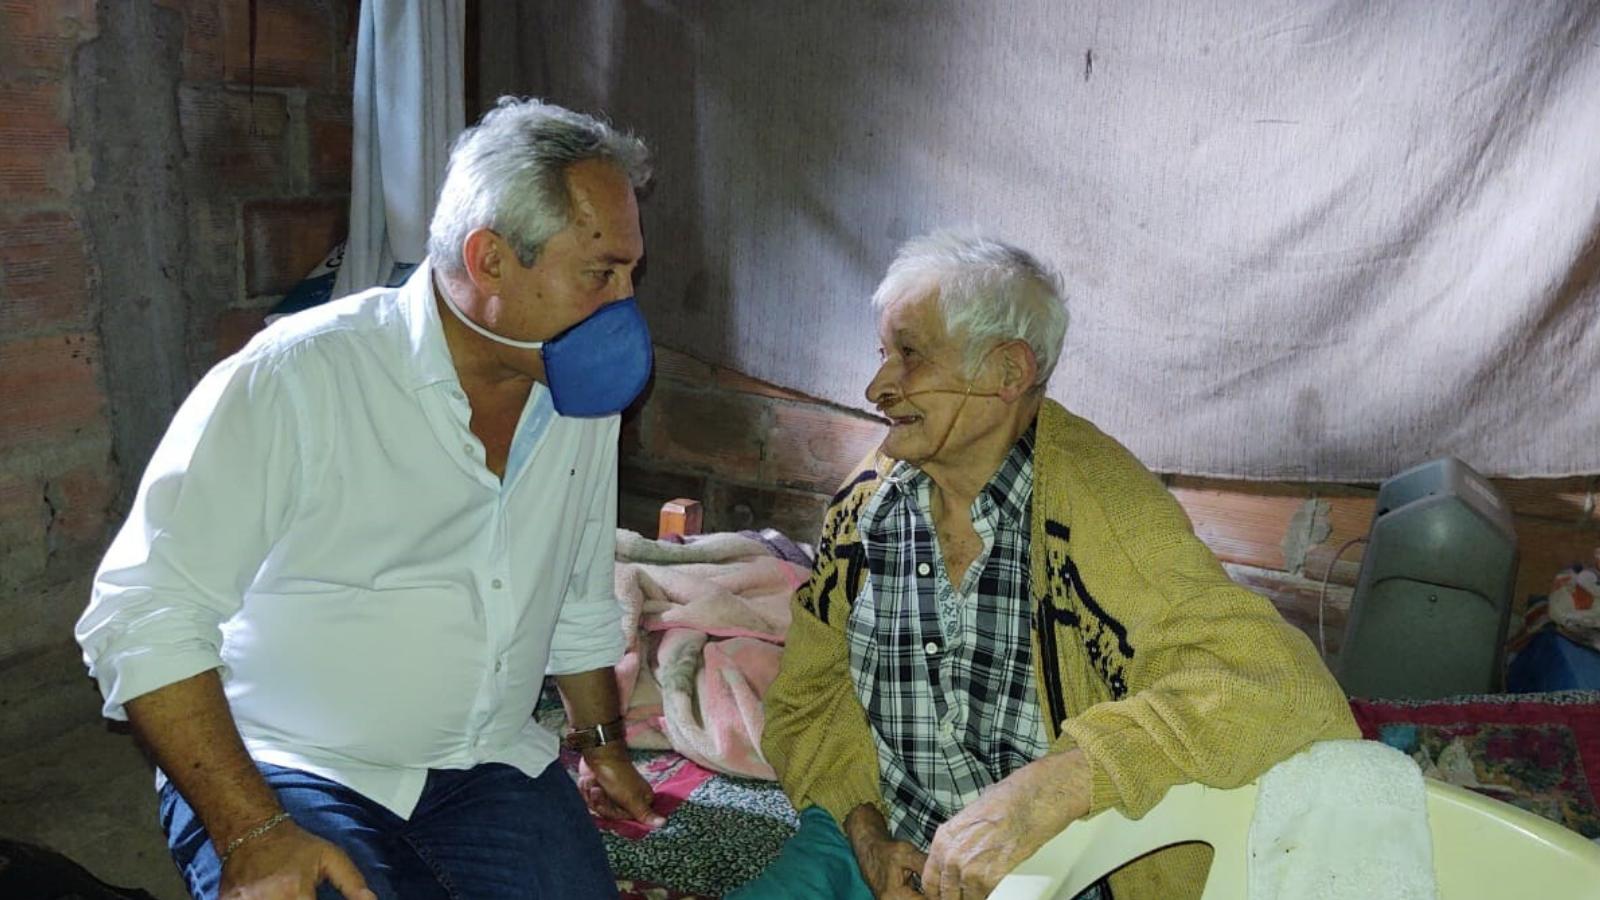 historias/cundinamarca/en-la-pena-auxilios-a-domicilio-para-los-adultos-mayores